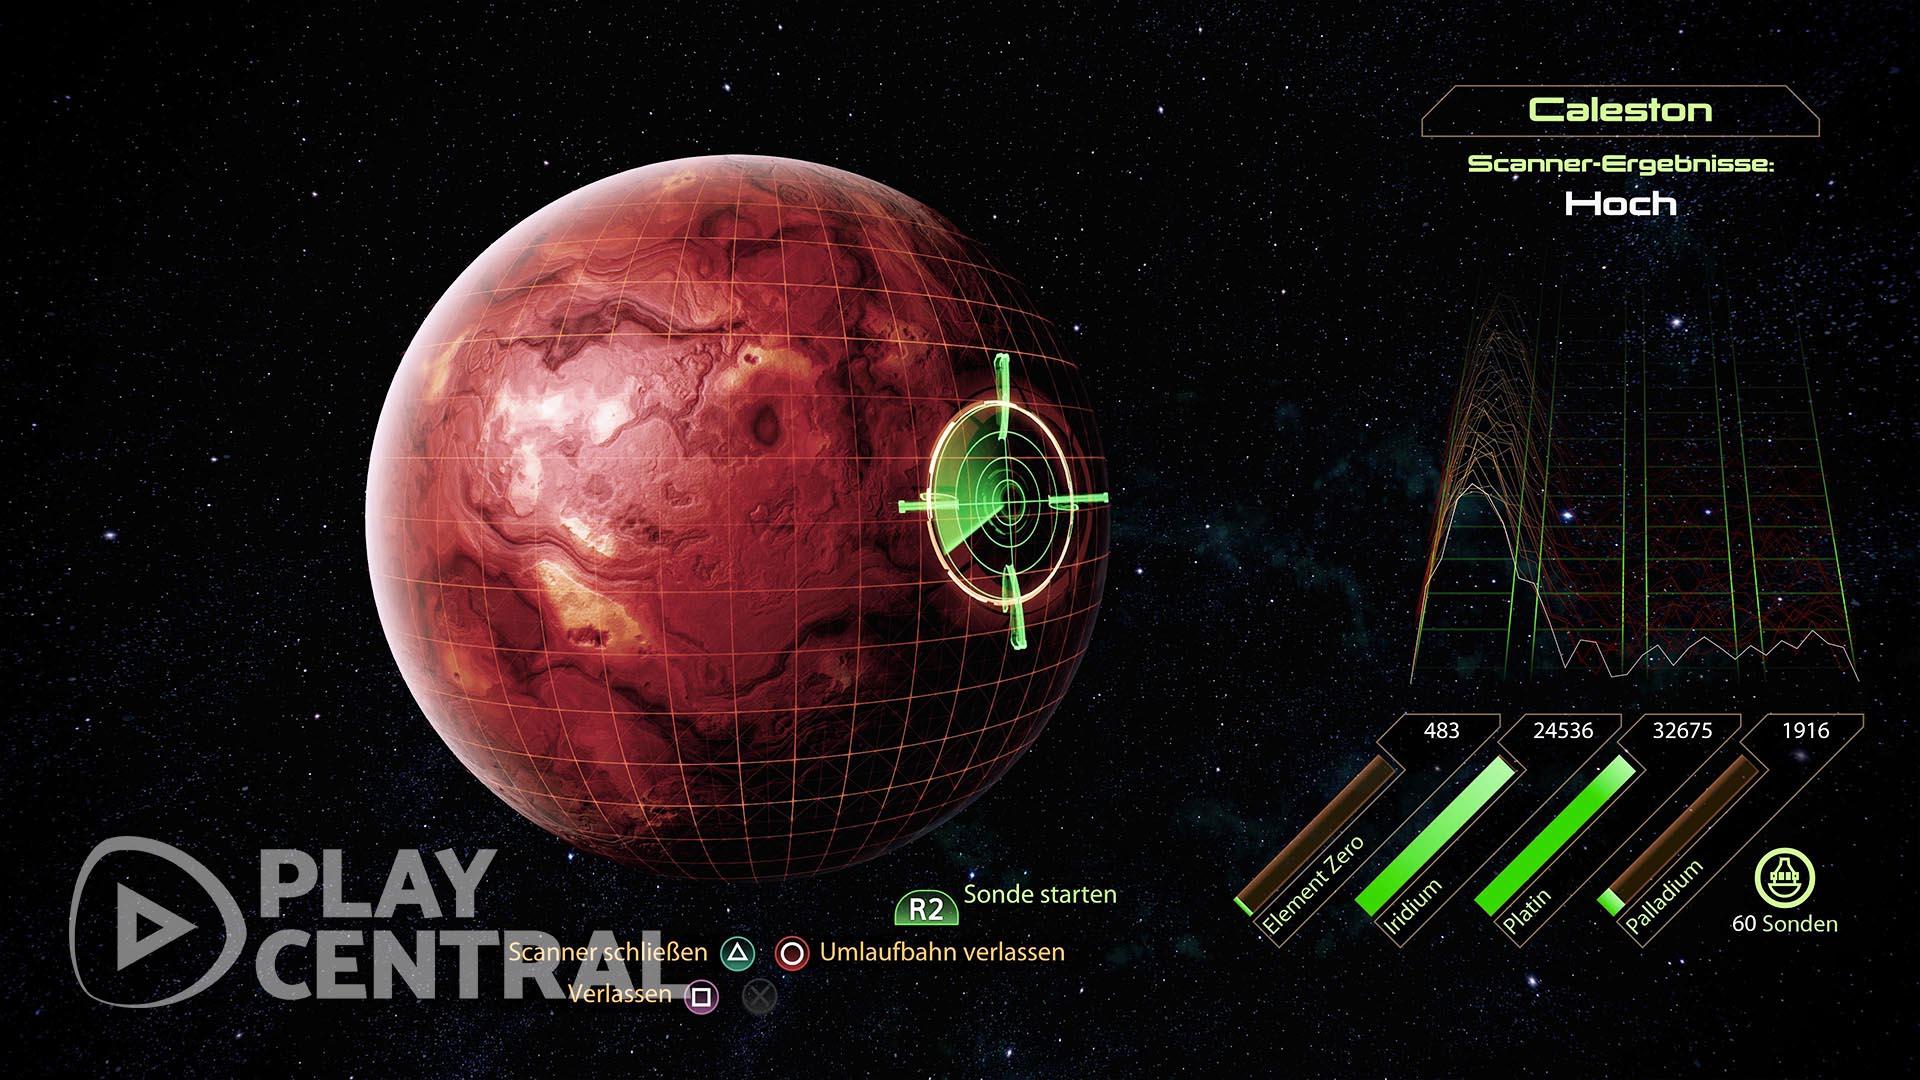 Mass Effect 2 - Element Zero finden - Caleston-Rift 3